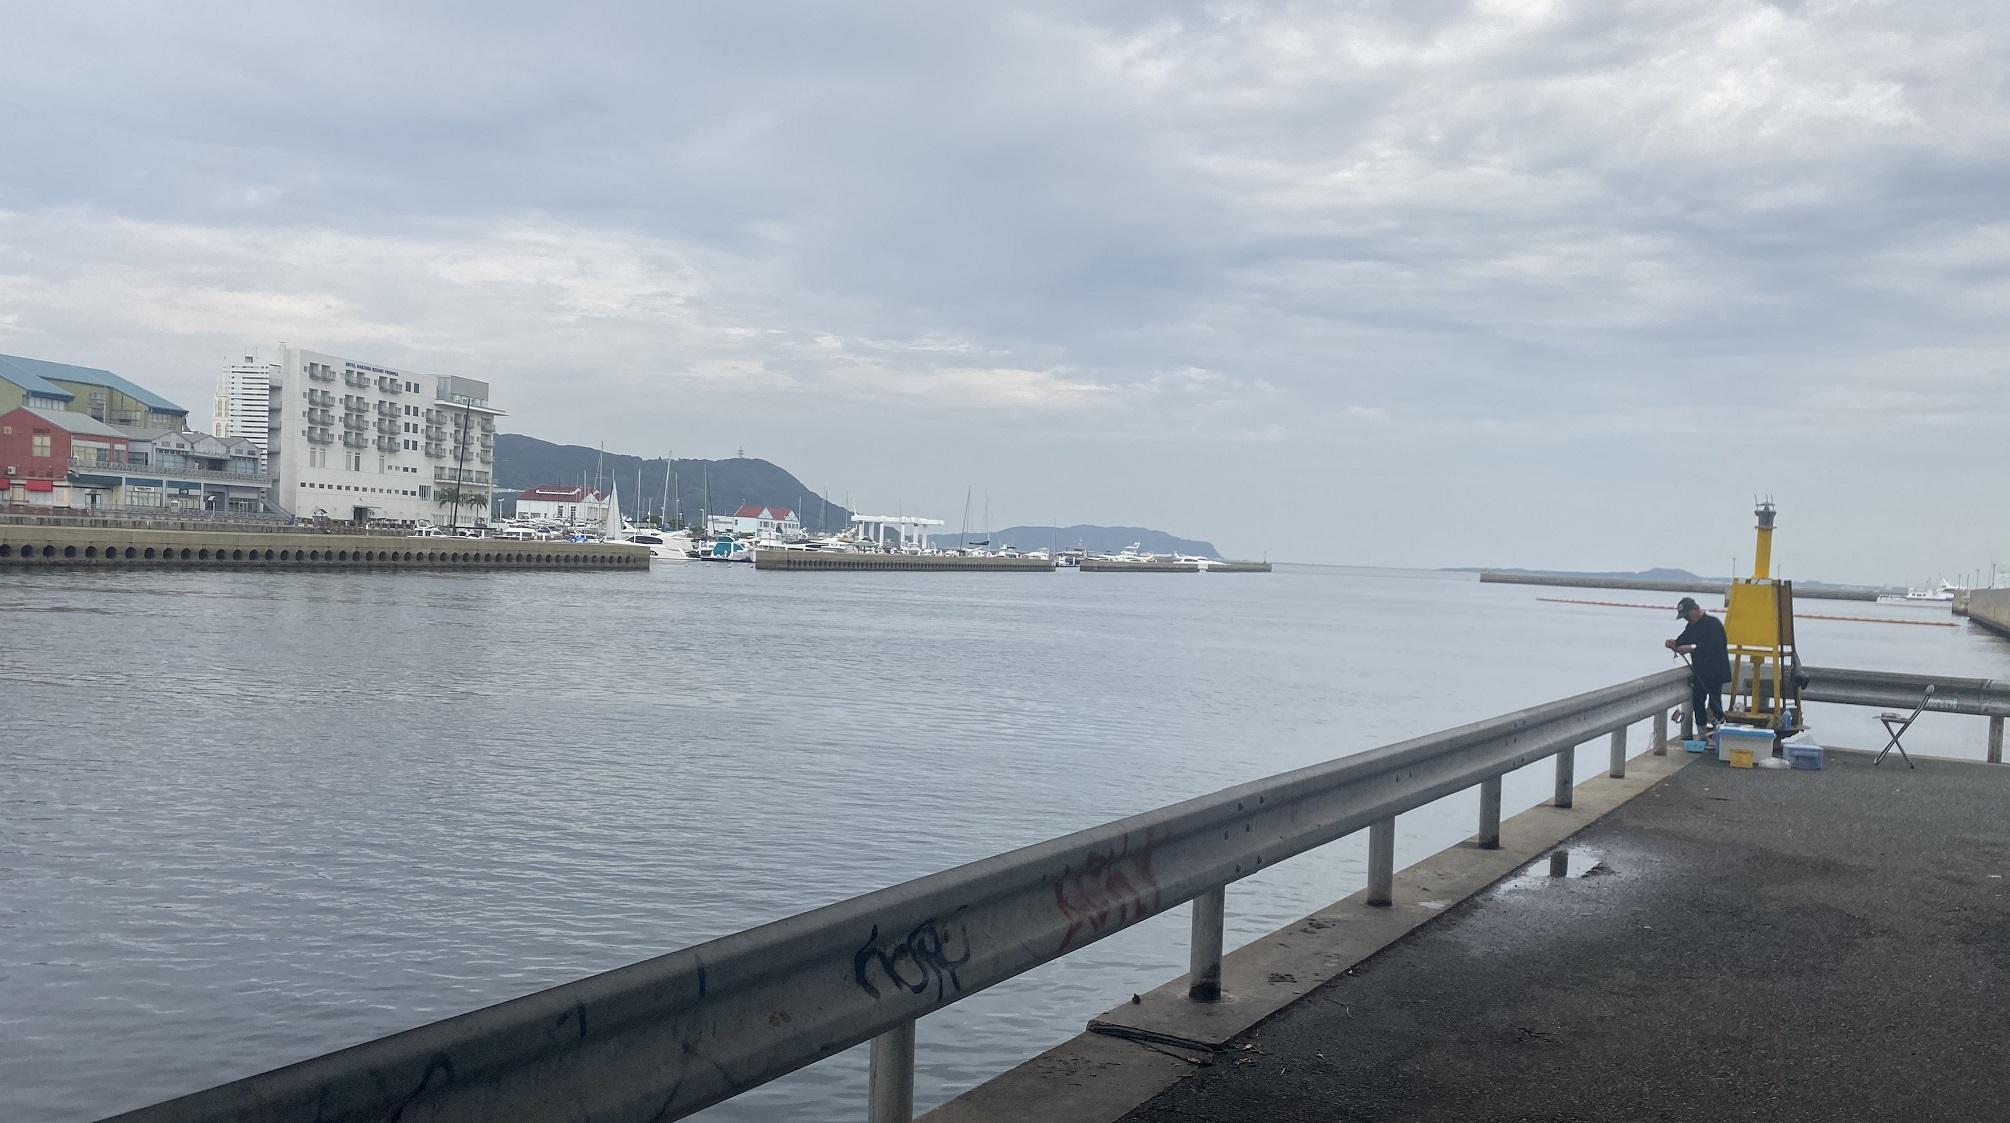 姪浜港マリナ大橋下02